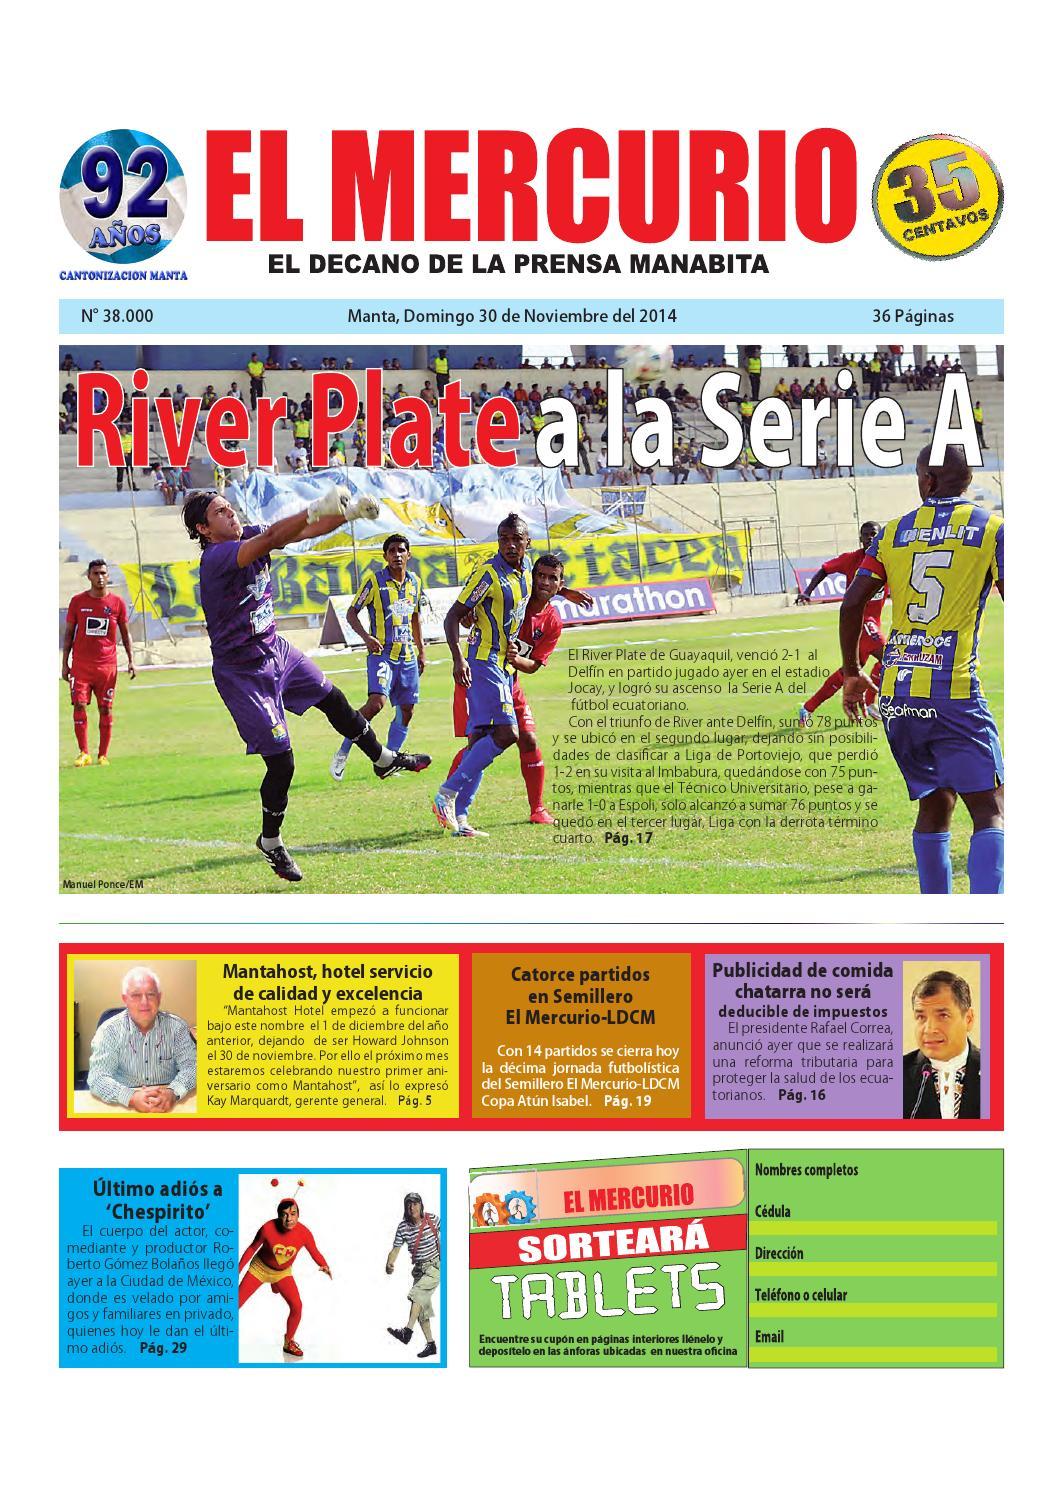 Mercurio domingo 30 de noviembre del 2014 by Diario El mercurio - issuu